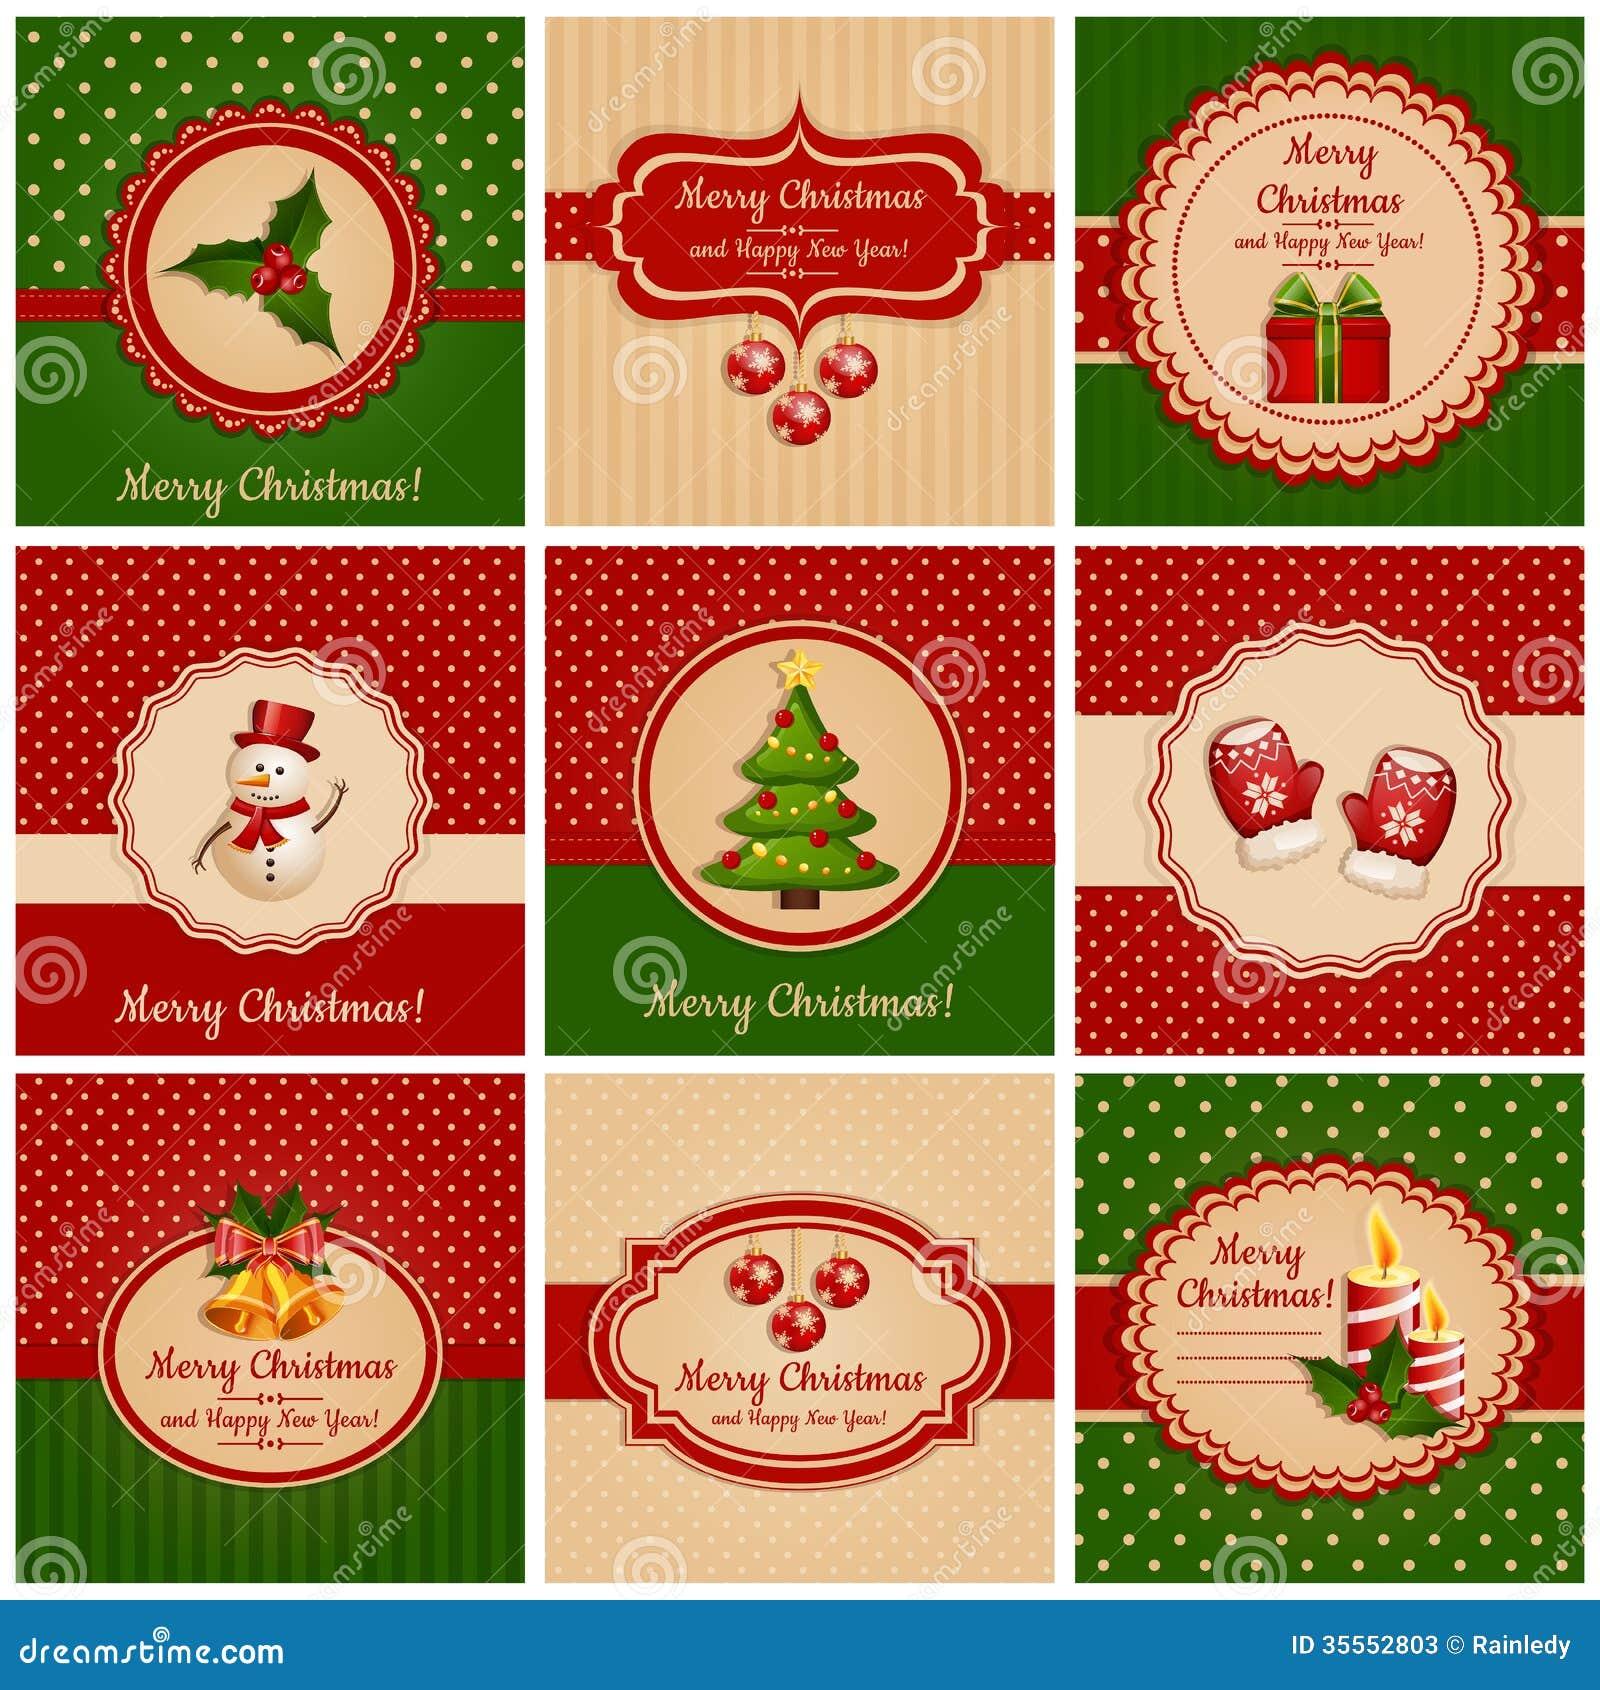 Cartes de Noël. Illustration de vecteur.